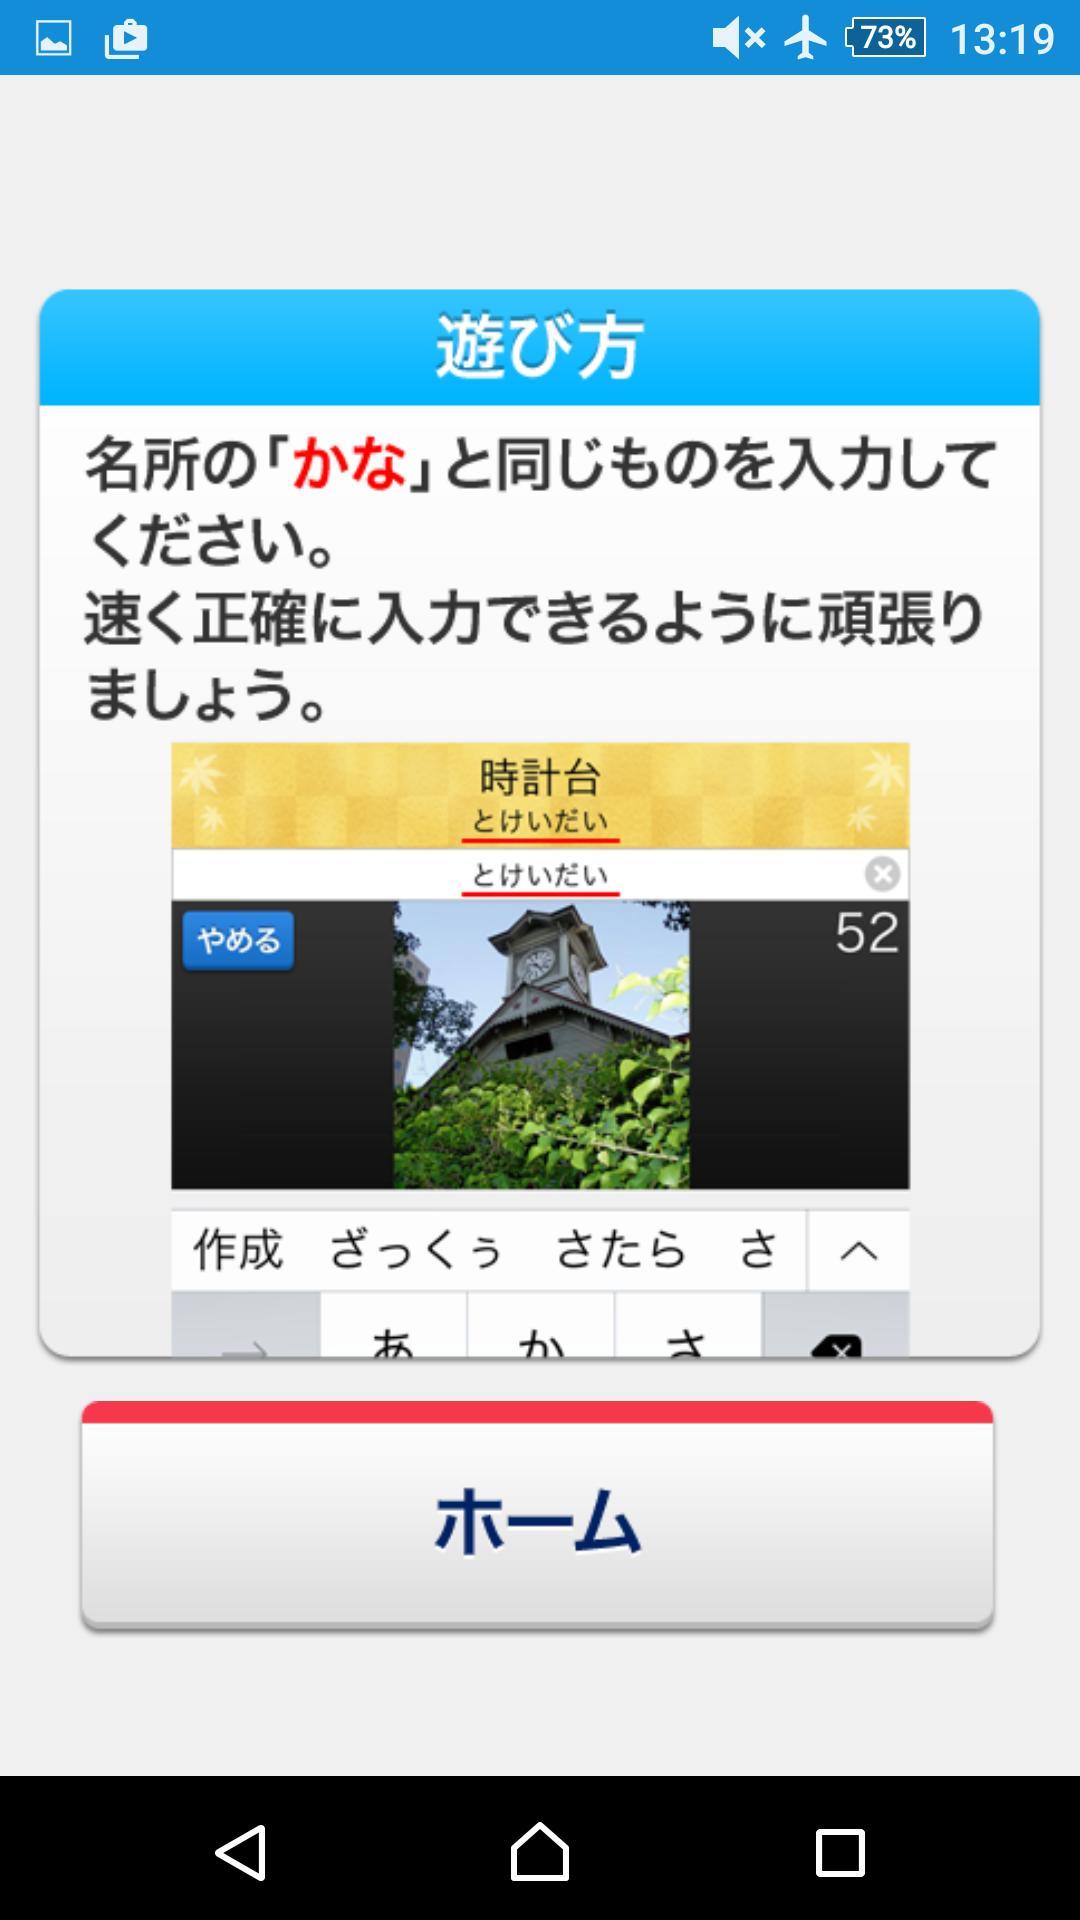 タイピング練習 ~日本の名所~(らくらく脳トレ!シリーズ) 1.0.4 Screenshot 3